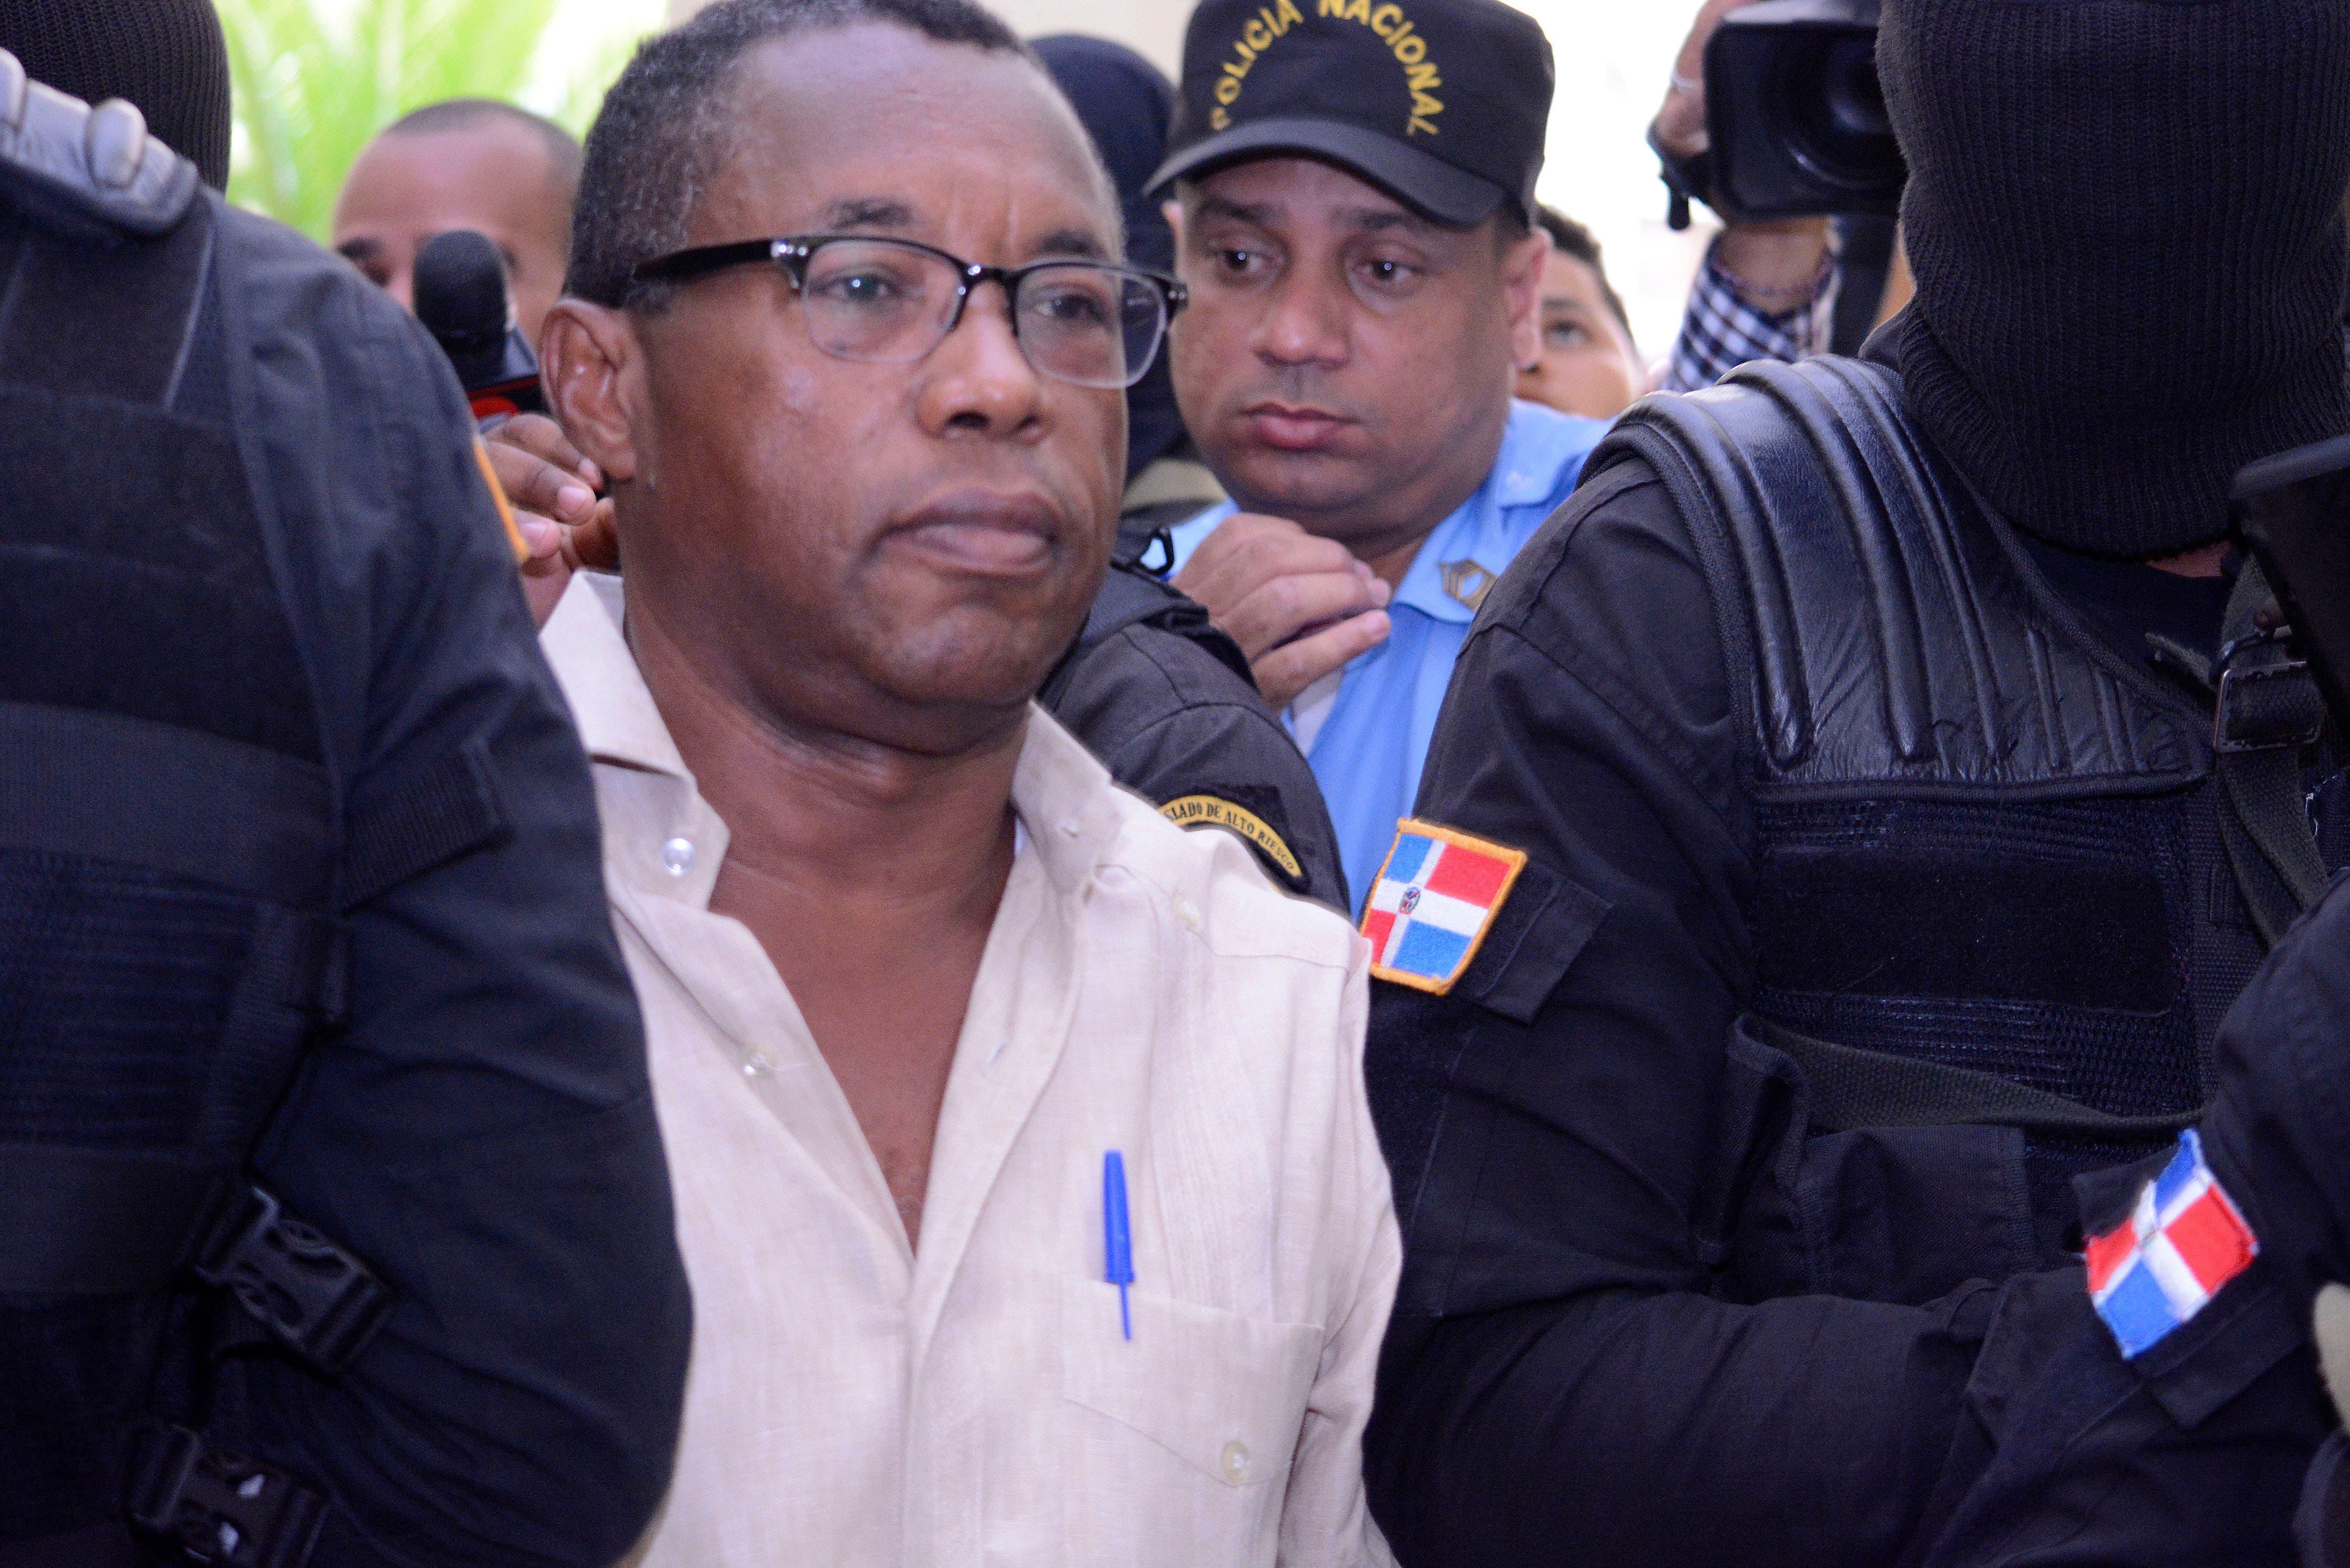 Blas Peralta apela sentencia lo condena a 30 años por muerte Aquino Febrillet